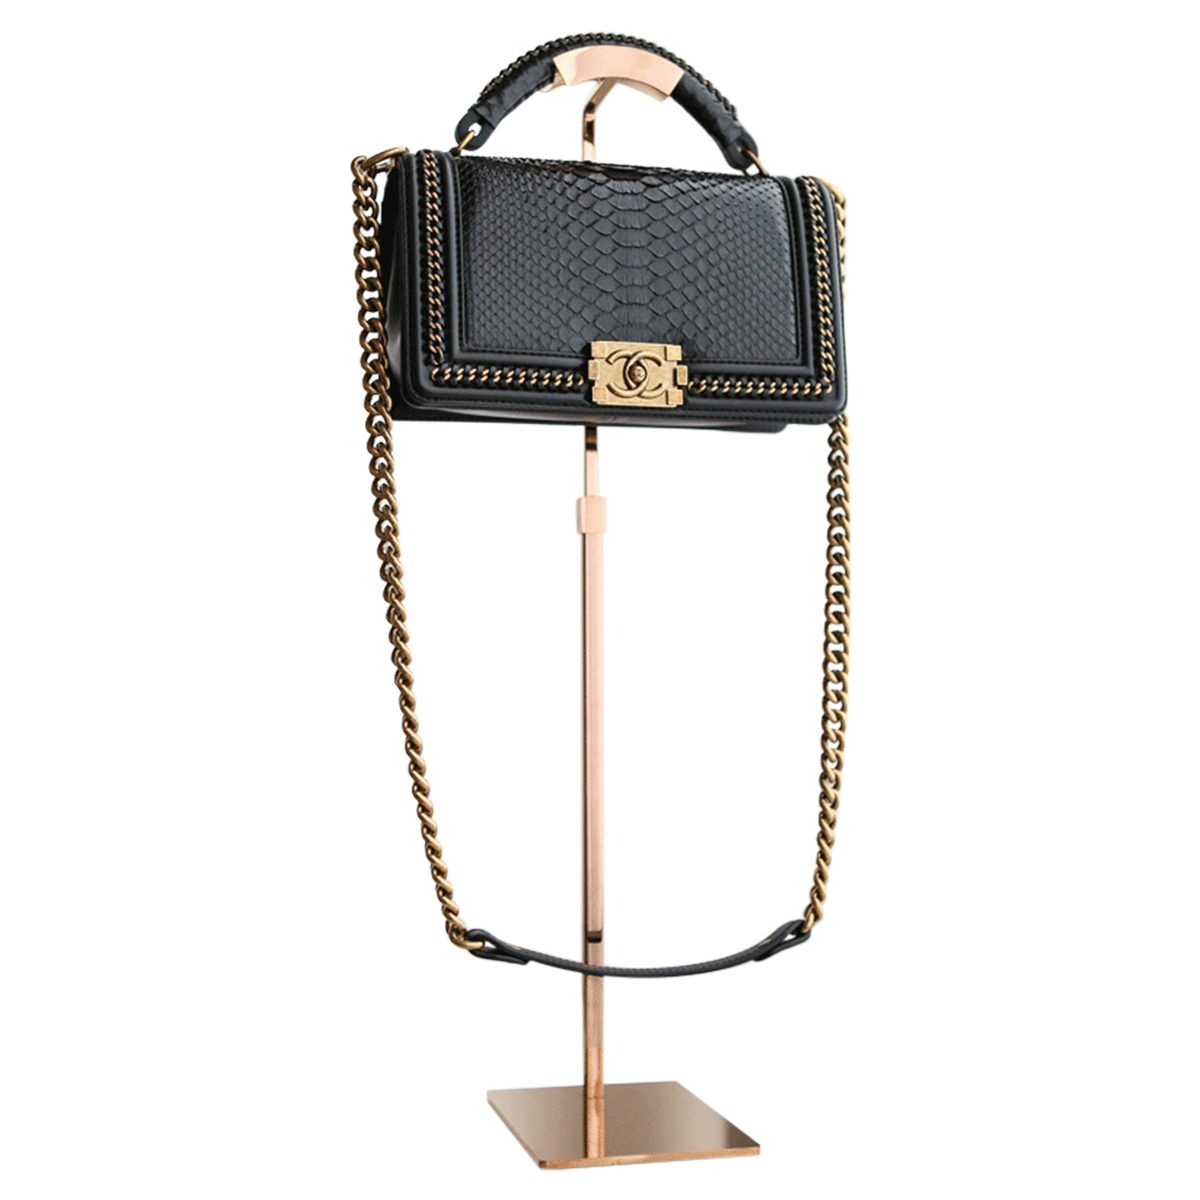 5c2febd7 Chanel Boy Bag